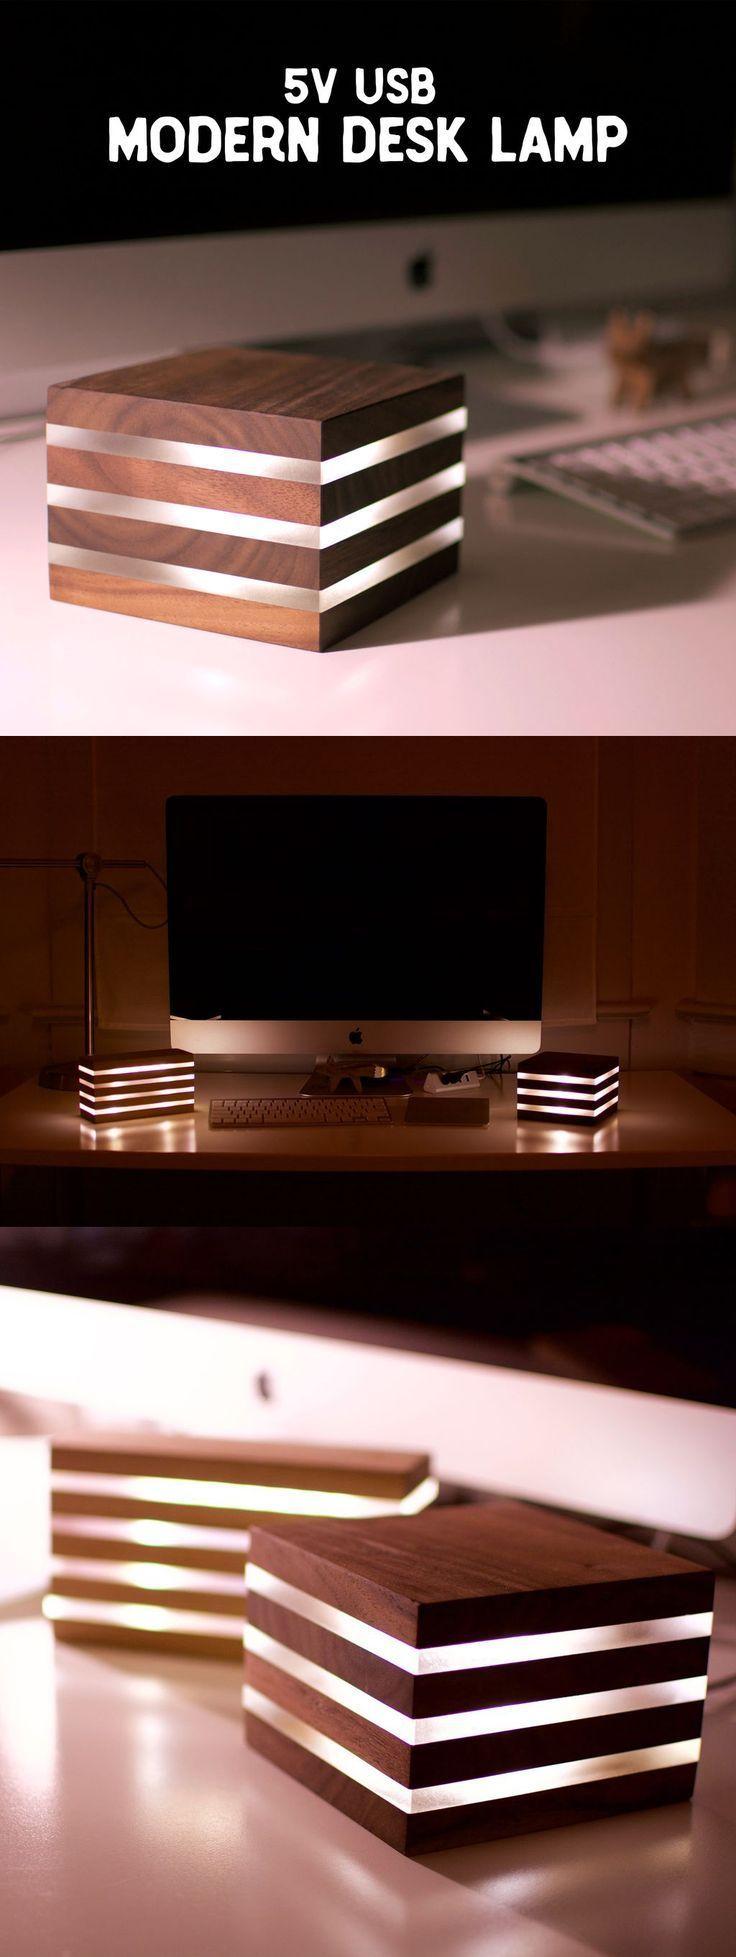 Photo of Moderne LED-Schreibtischlampe … Stromversorgung über 5V USB